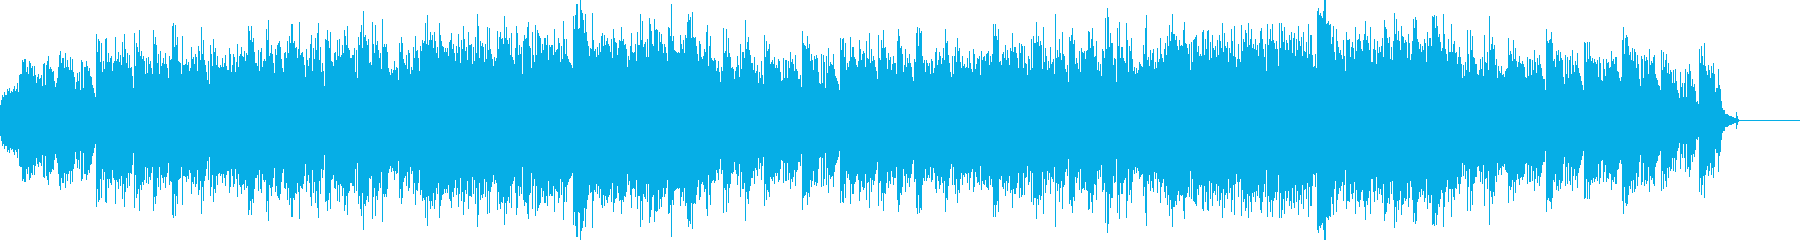 神聖な場所のイメージBGMの再生済みの波形